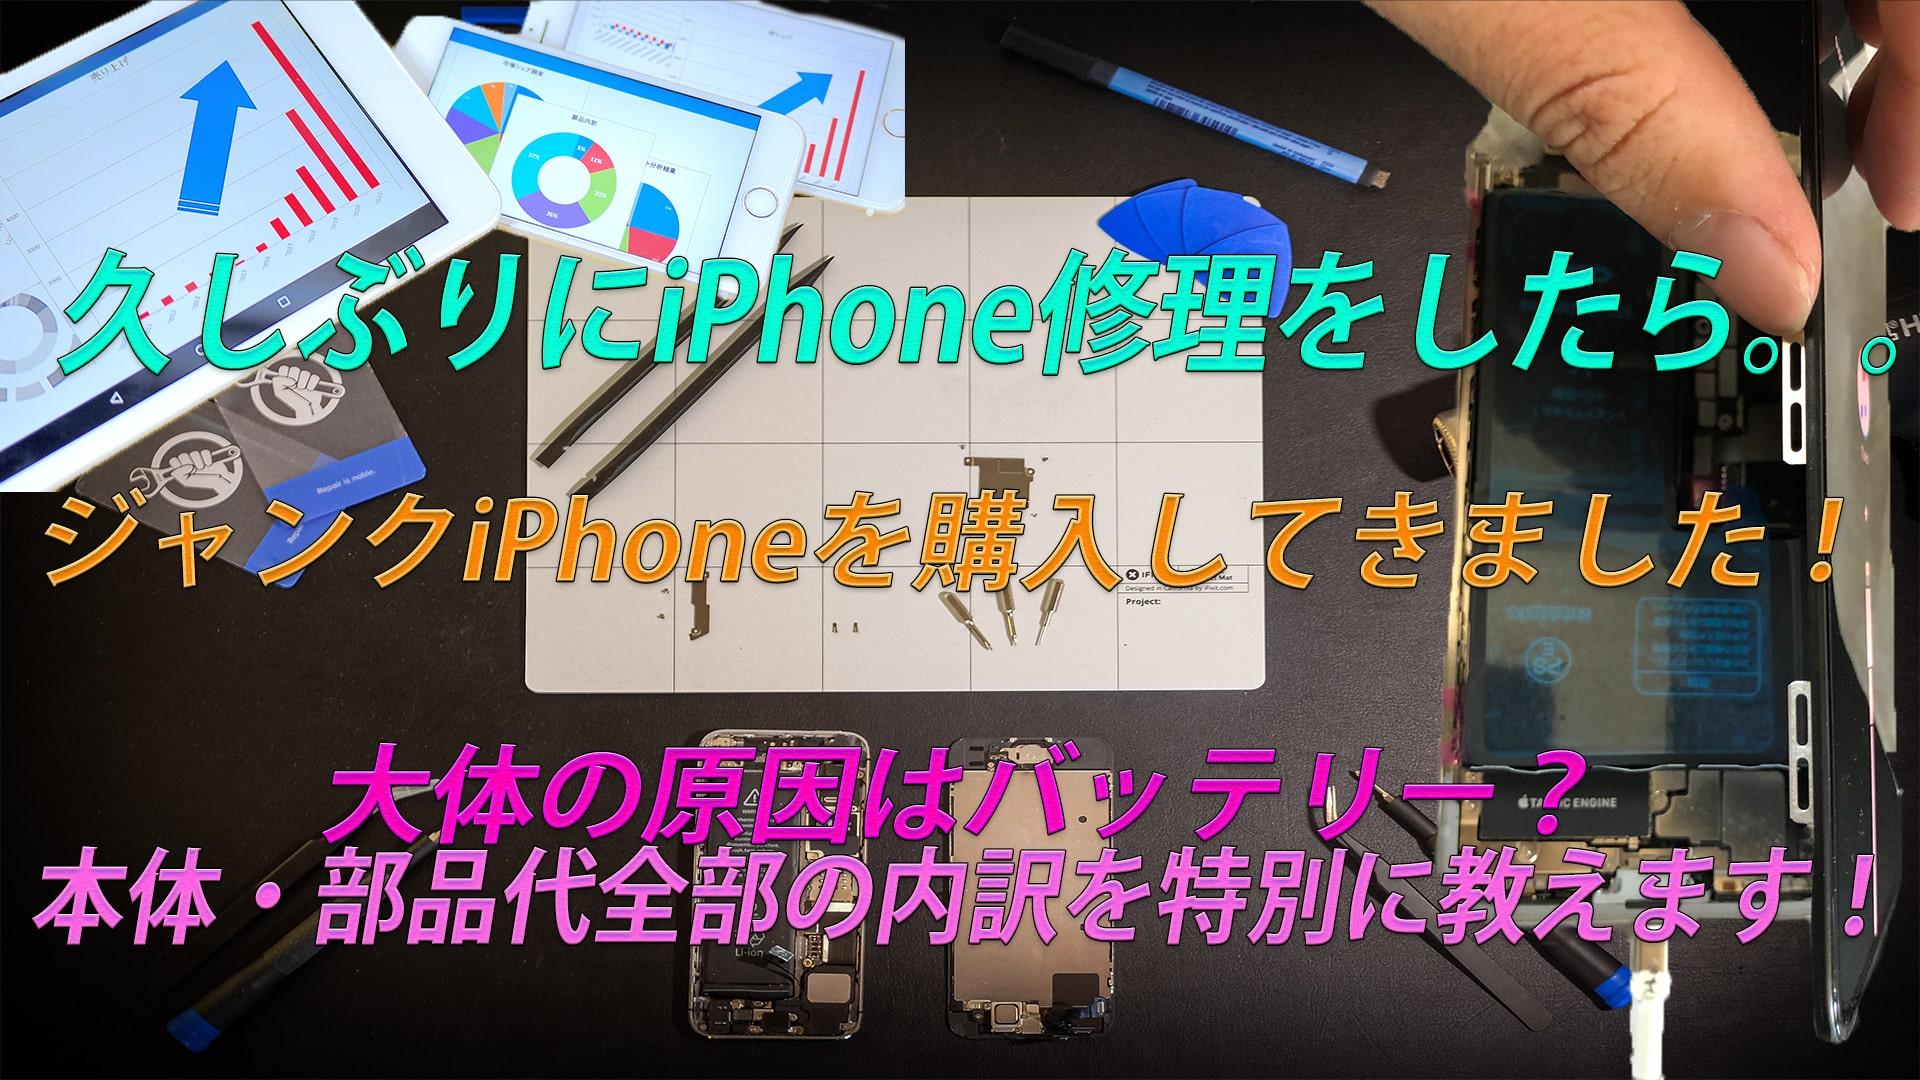 元iPhone修理屋が数年ぶりにiPhoneXを修理したら部品代が高すぎる!